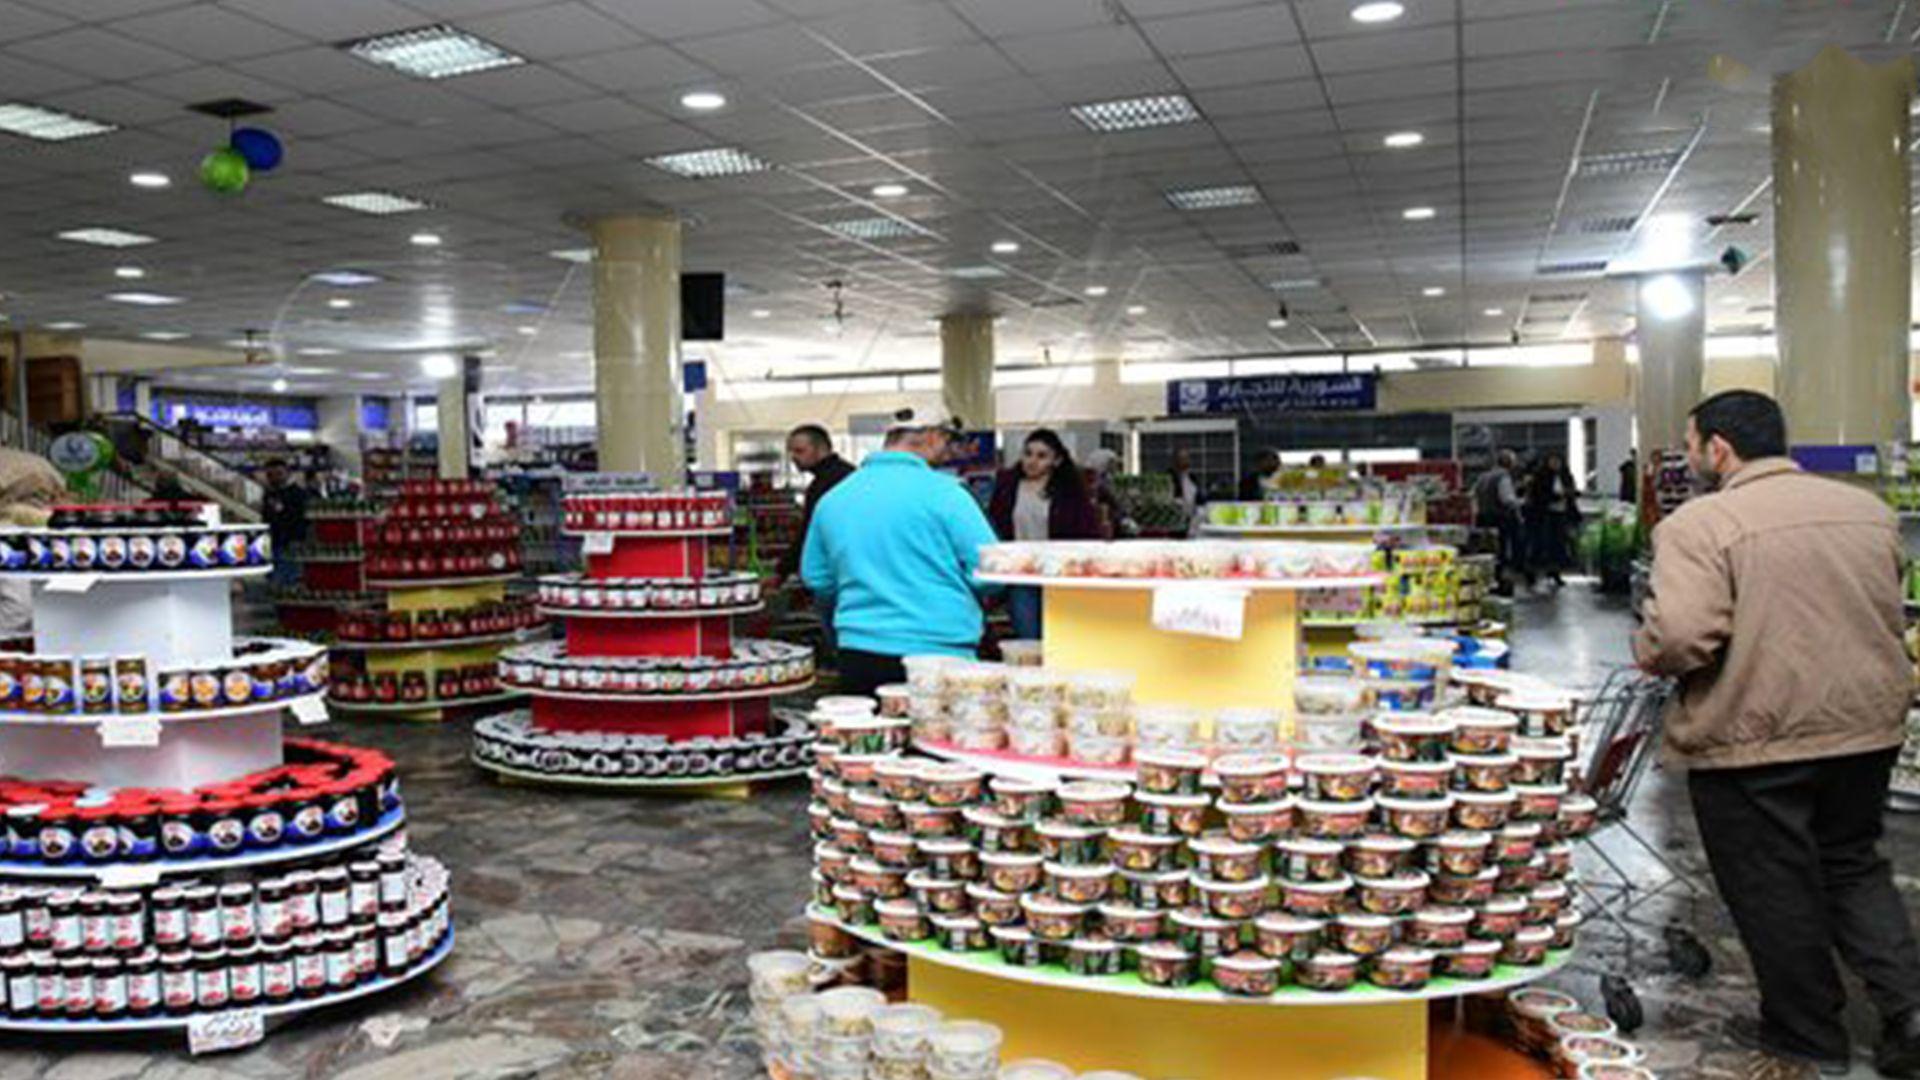 وزارة التجارة ترفع رسميا أسعار المواد الأساسية التي رفعها التجار بشكل مسبق Blog Posts Blog Desserts